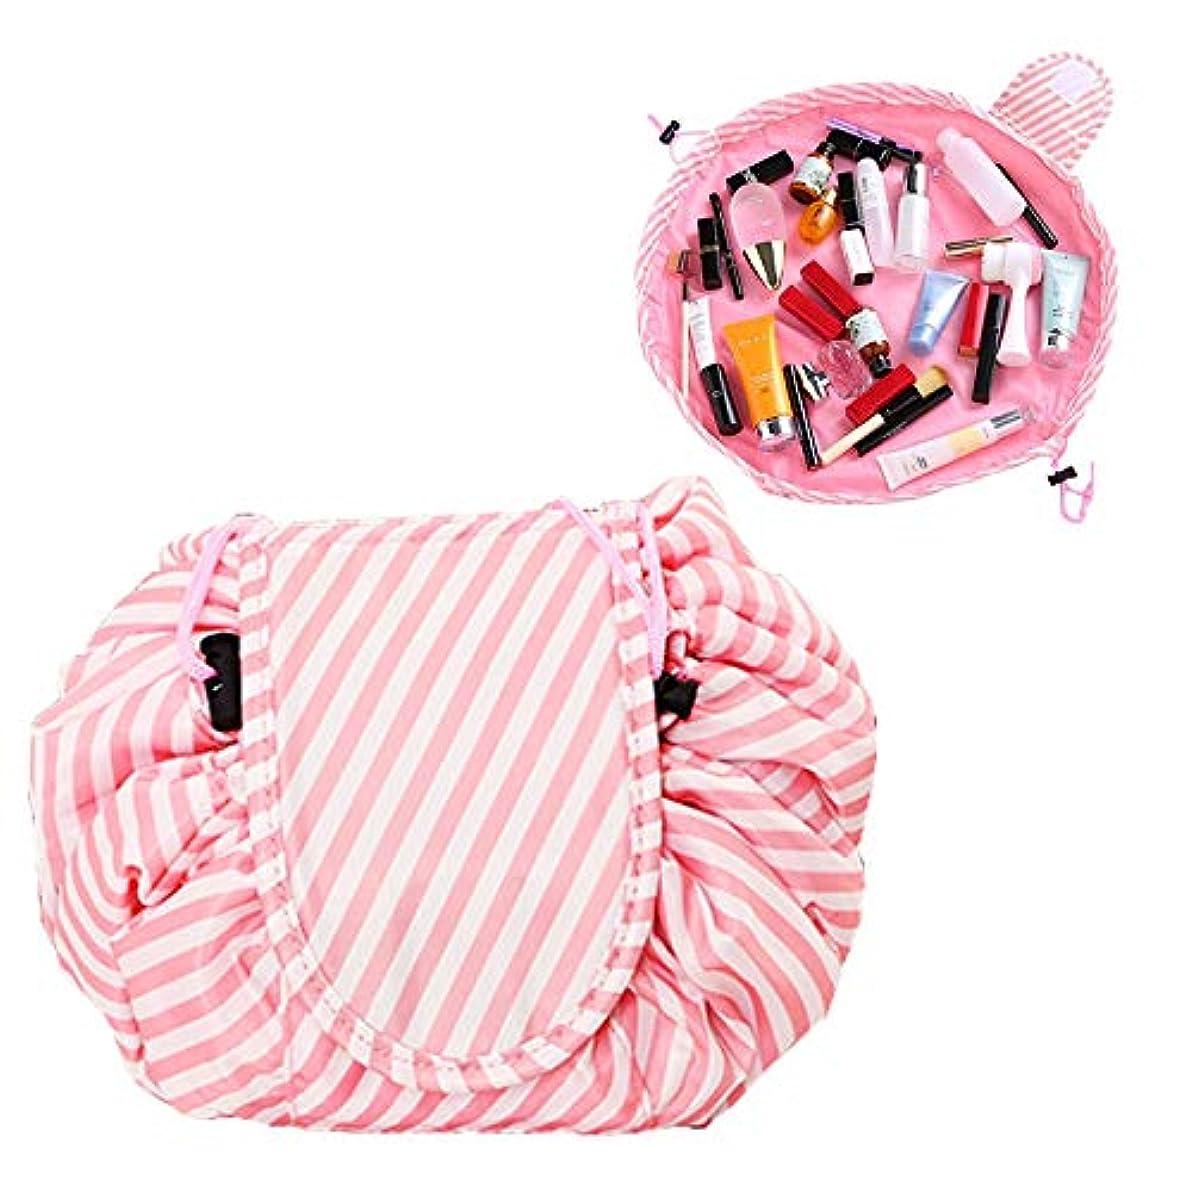 旋回四半期アルカイックBasong 化粧ポーチ 巾着型 コスメポーチ ポーチ メイク収納 巾着バッグ レディース 小物入れ 持ち運び コンパクト